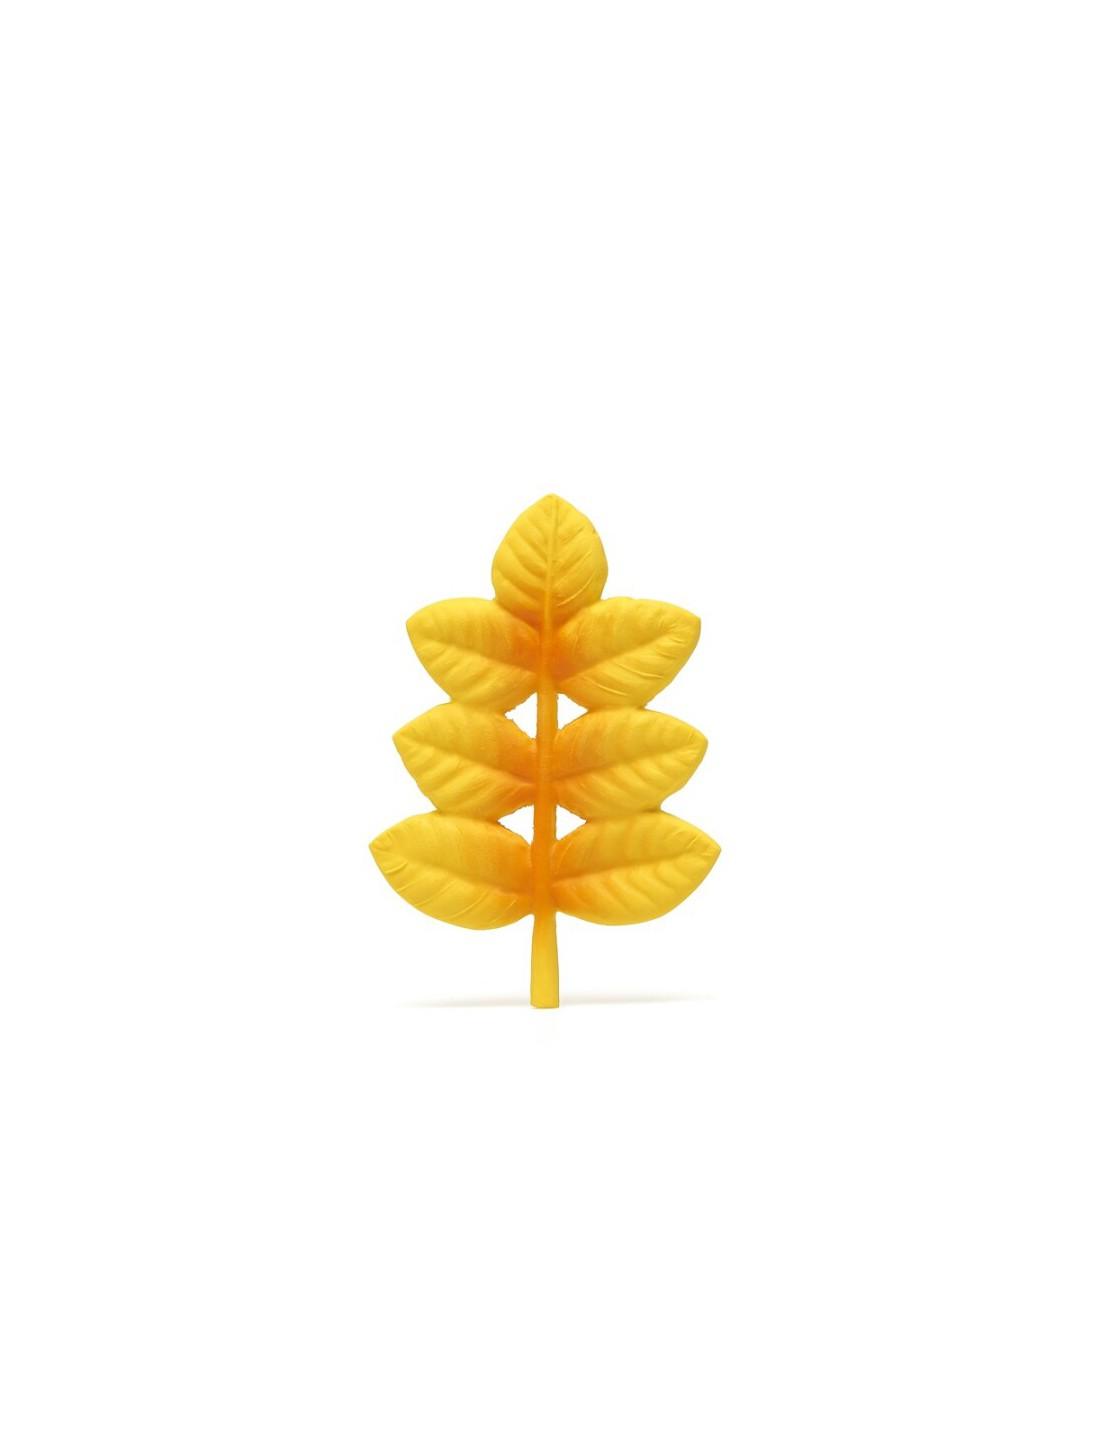 Mordedor Gold leaf. Lanco